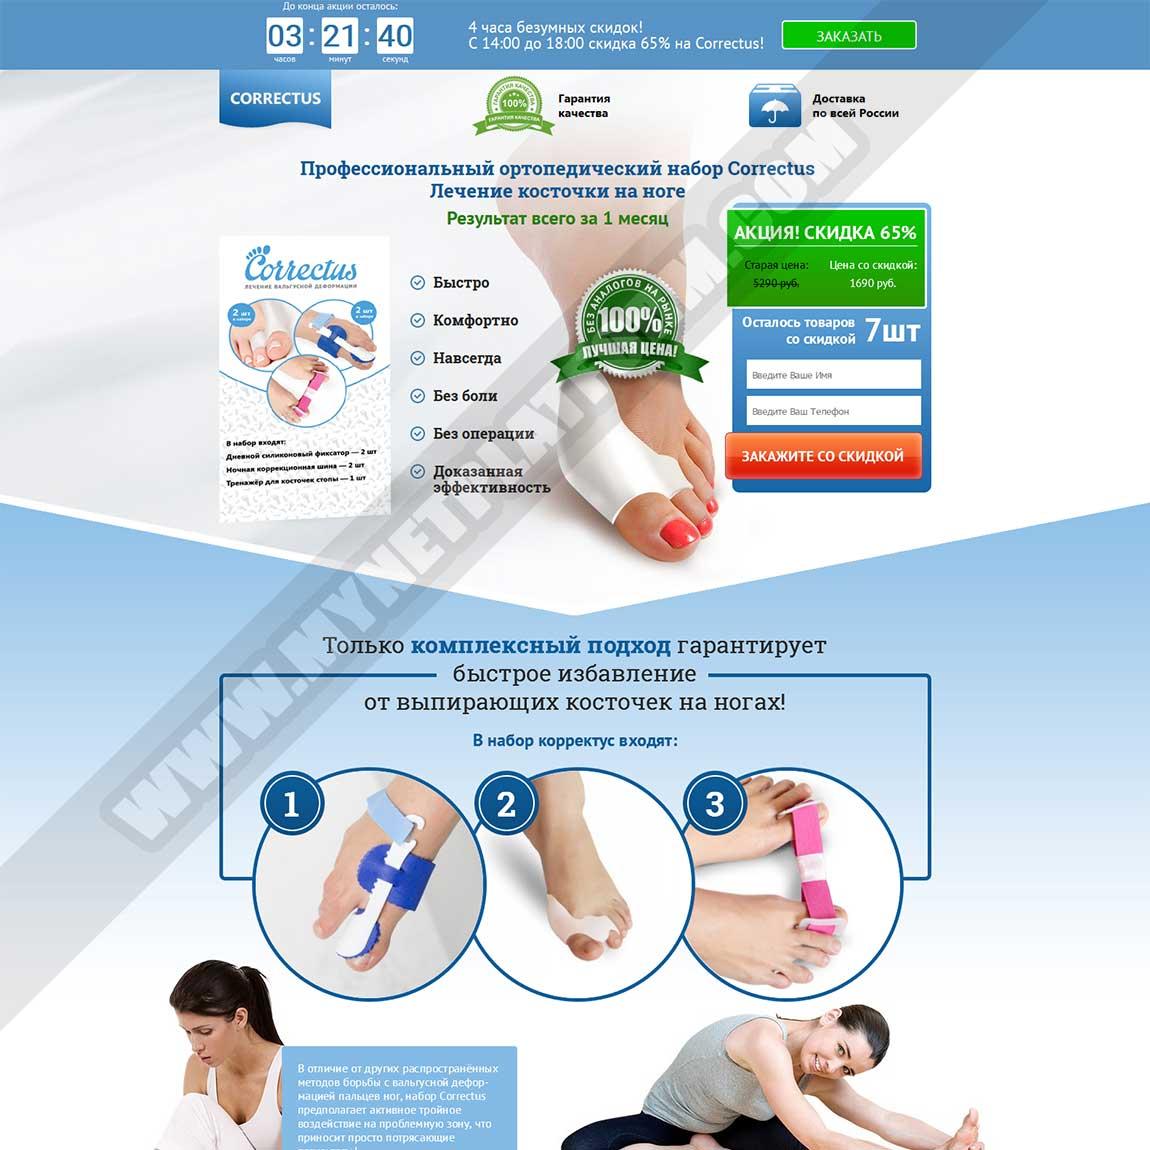 Миниатюра Готового лендинга Correctus - ортопедический набор от косточки на ноге 001